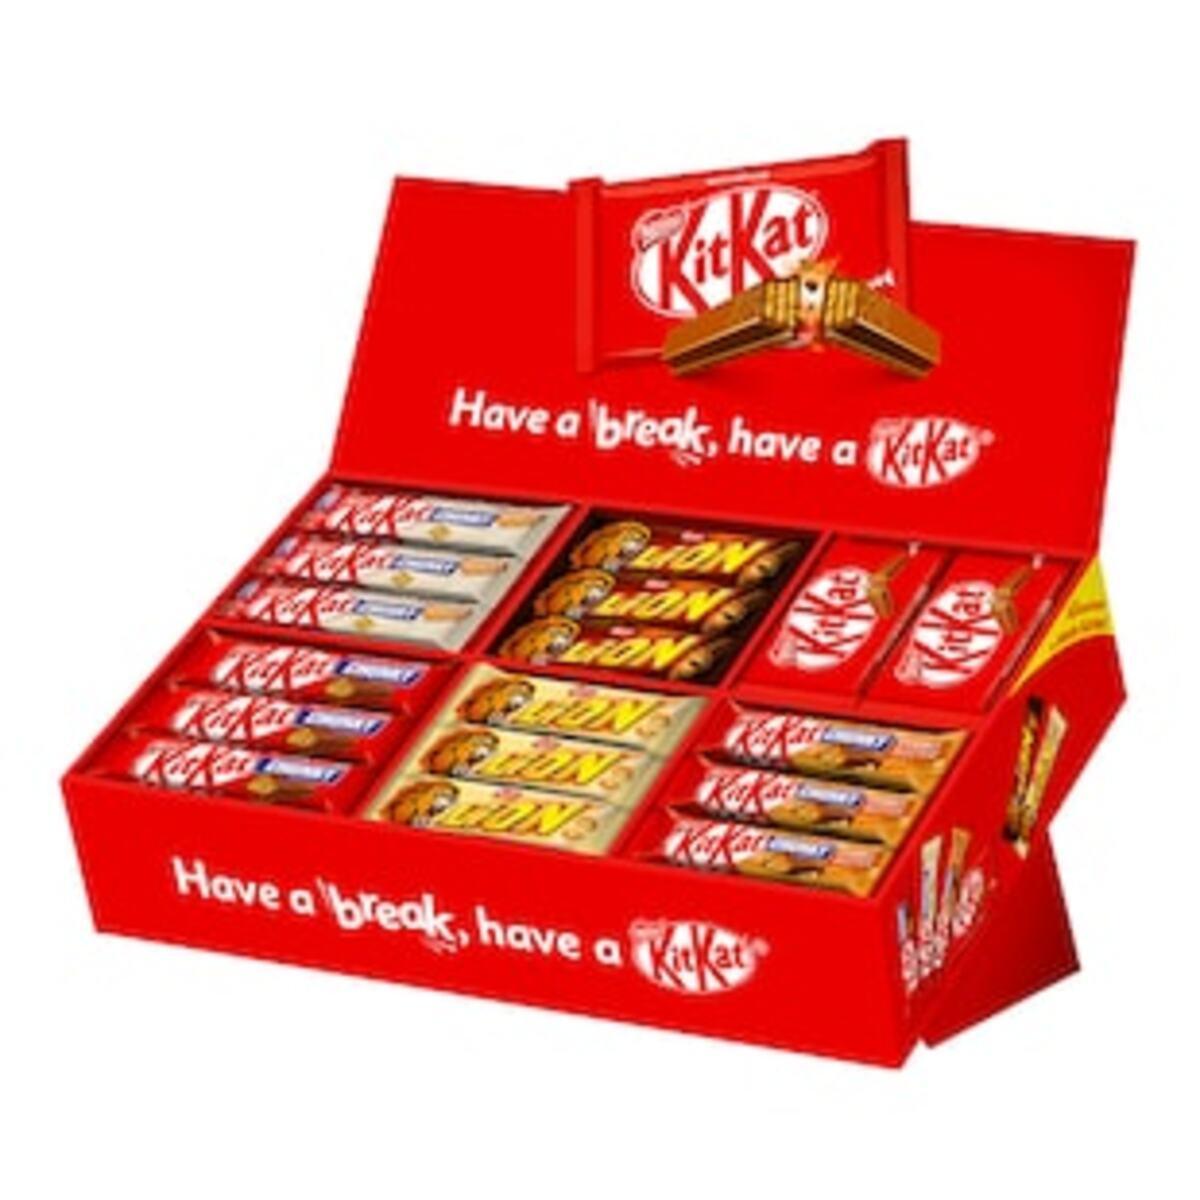 Bild 2 von Kit Kat Box 40-42 g, verschiedene Sorten, 68er Pack 2801 g